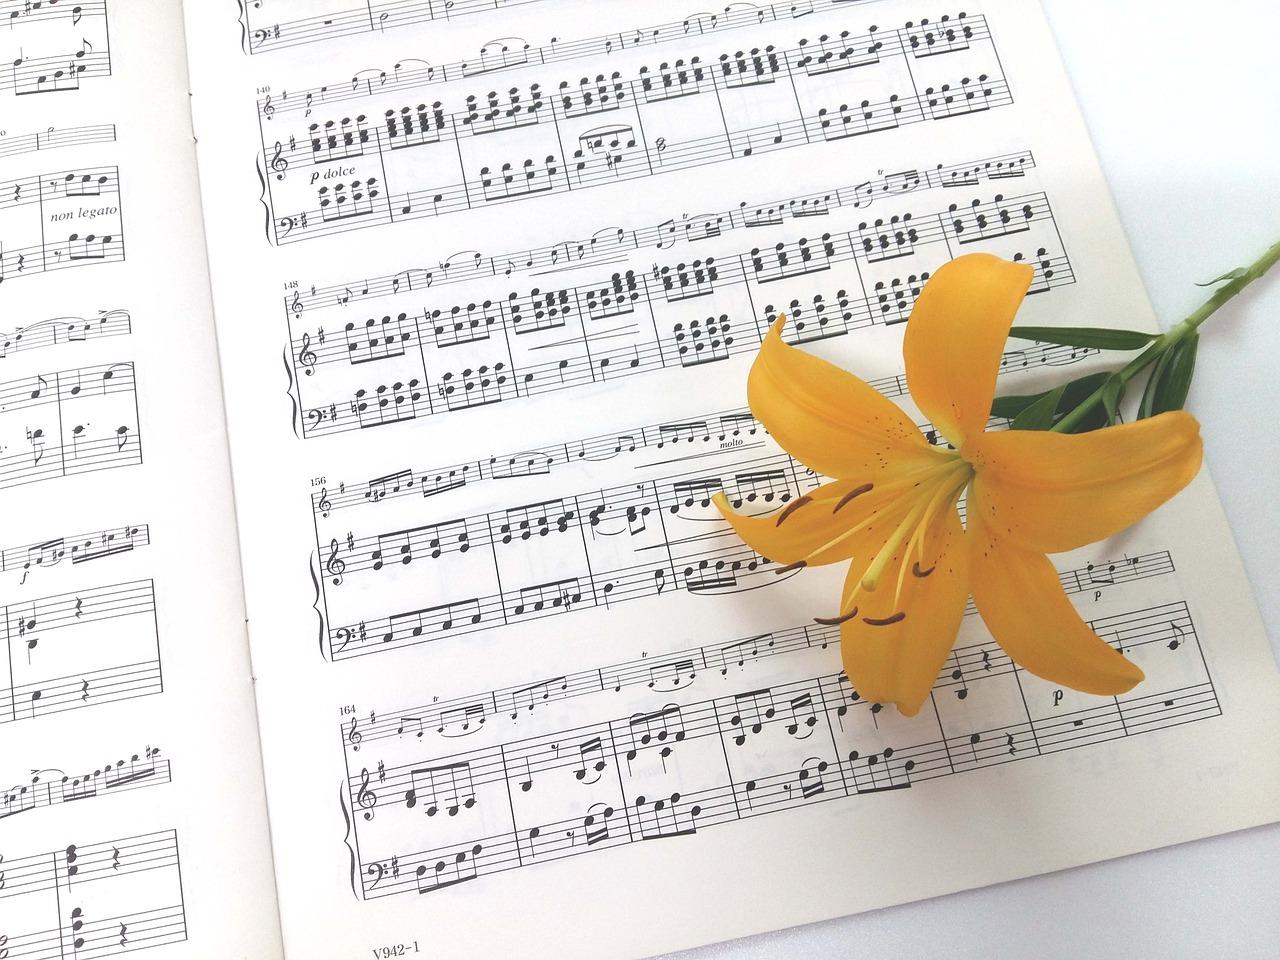 吹奏楽楽譜の入手先と主な特徴